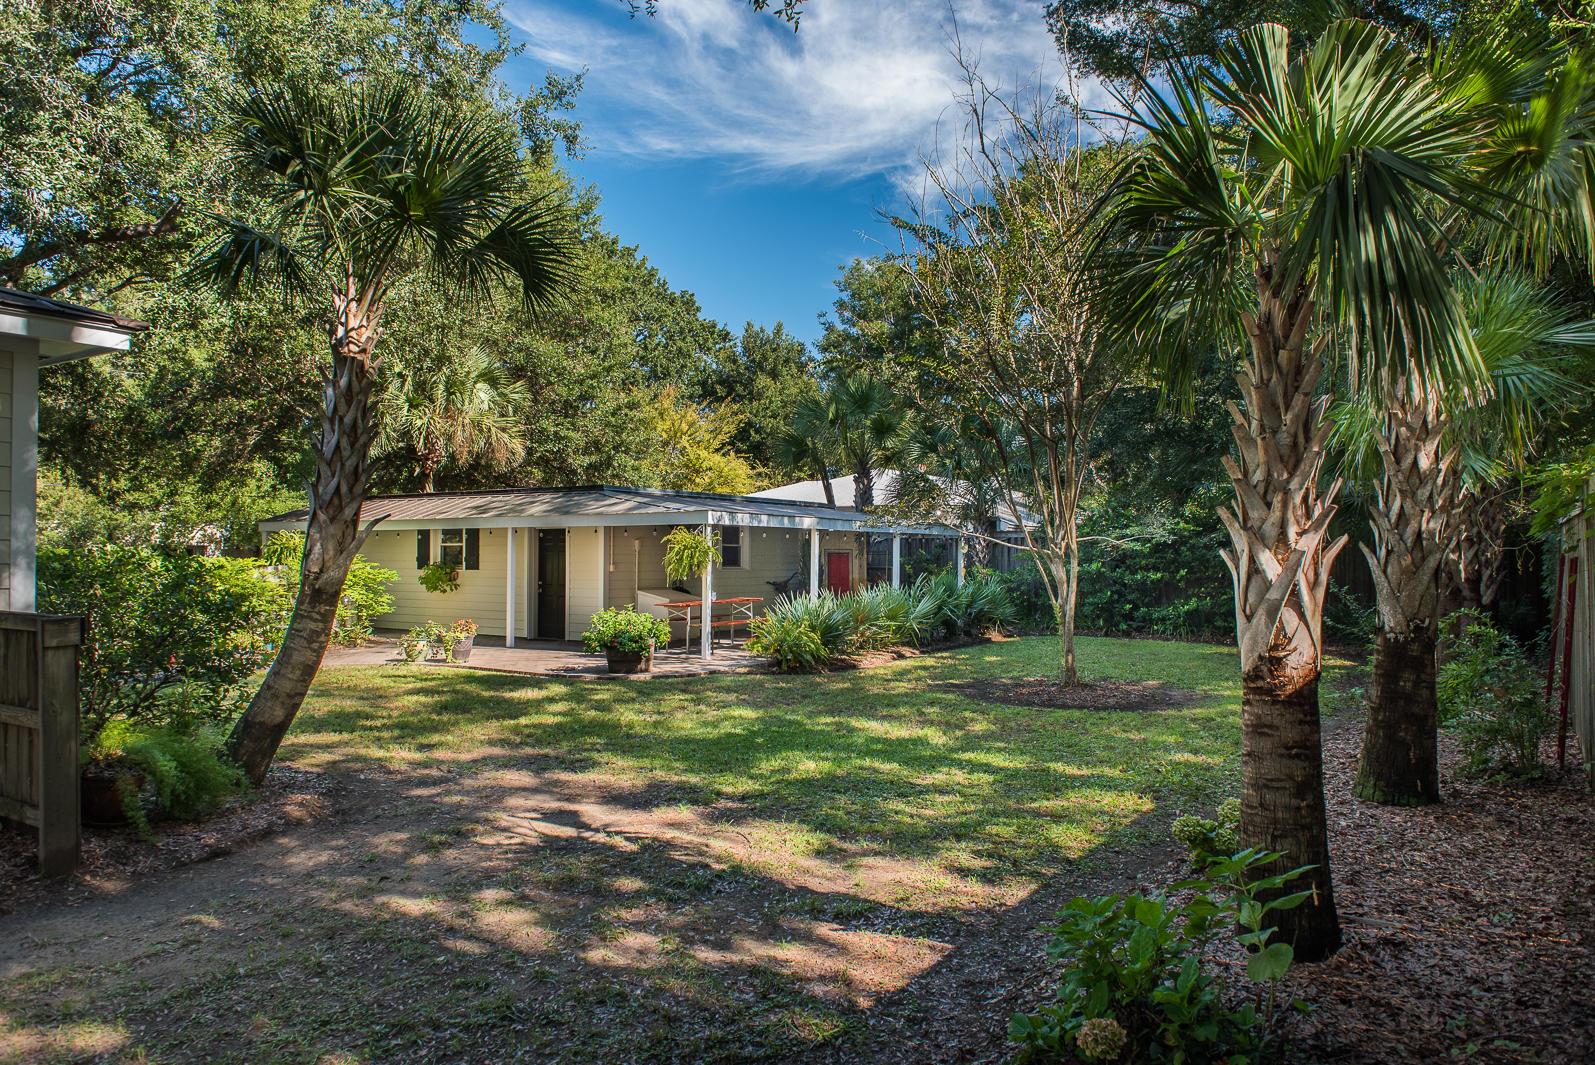 Old Mt Pleasant Homes For Sale - 1344 Fairmont, Mount Pleasant, SC - 61